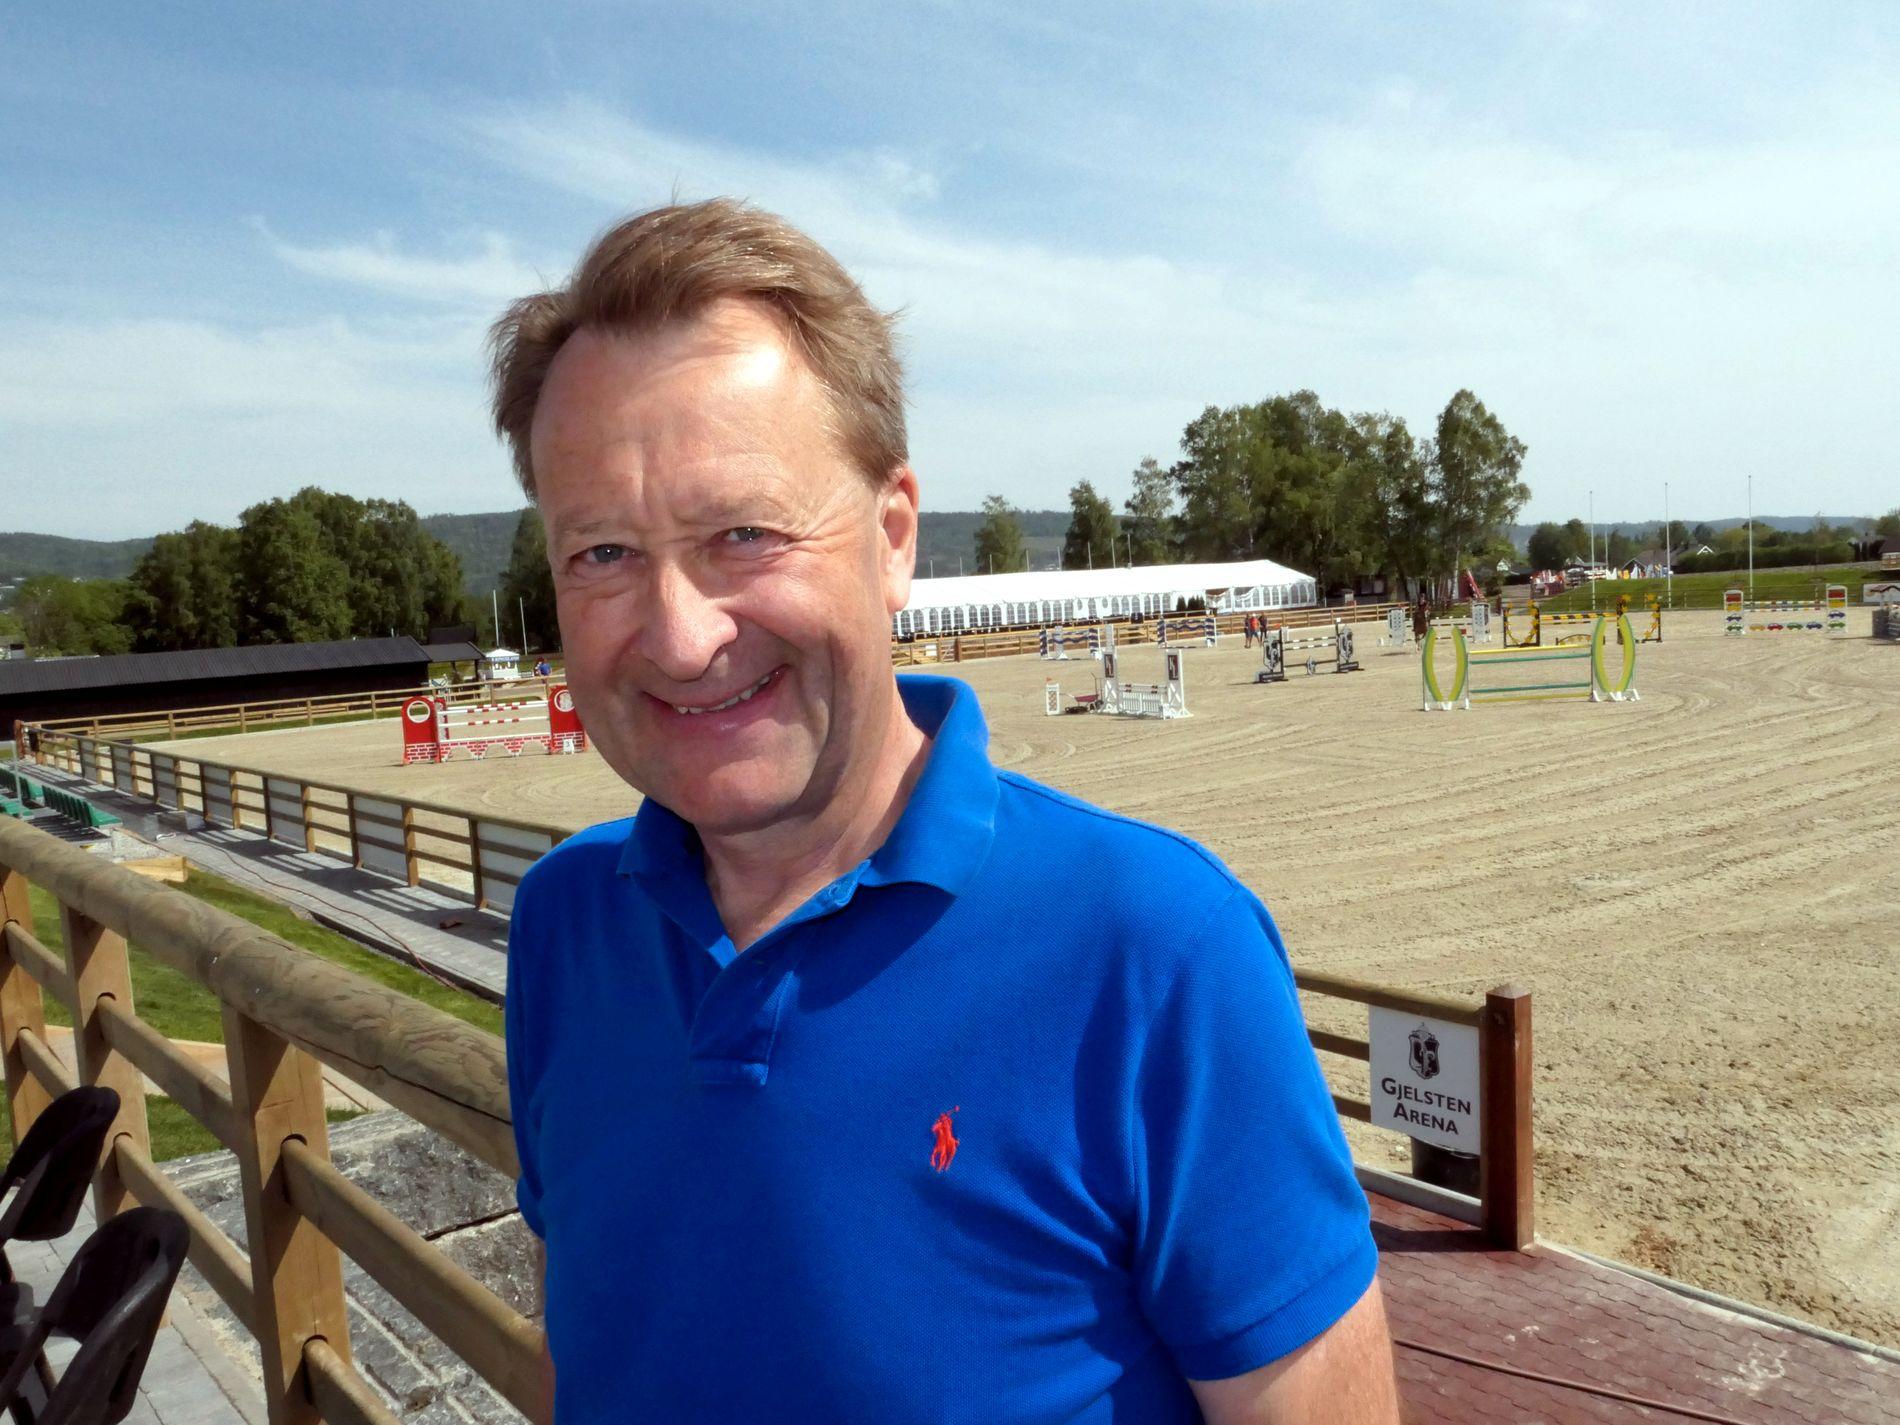 GJELSTEN ARENA: Bjørn Rune Gjelsten foran den nye hestearenaen i Lier. Han har brukt ti mill. kroner av egen lomme på dette prosjektet.